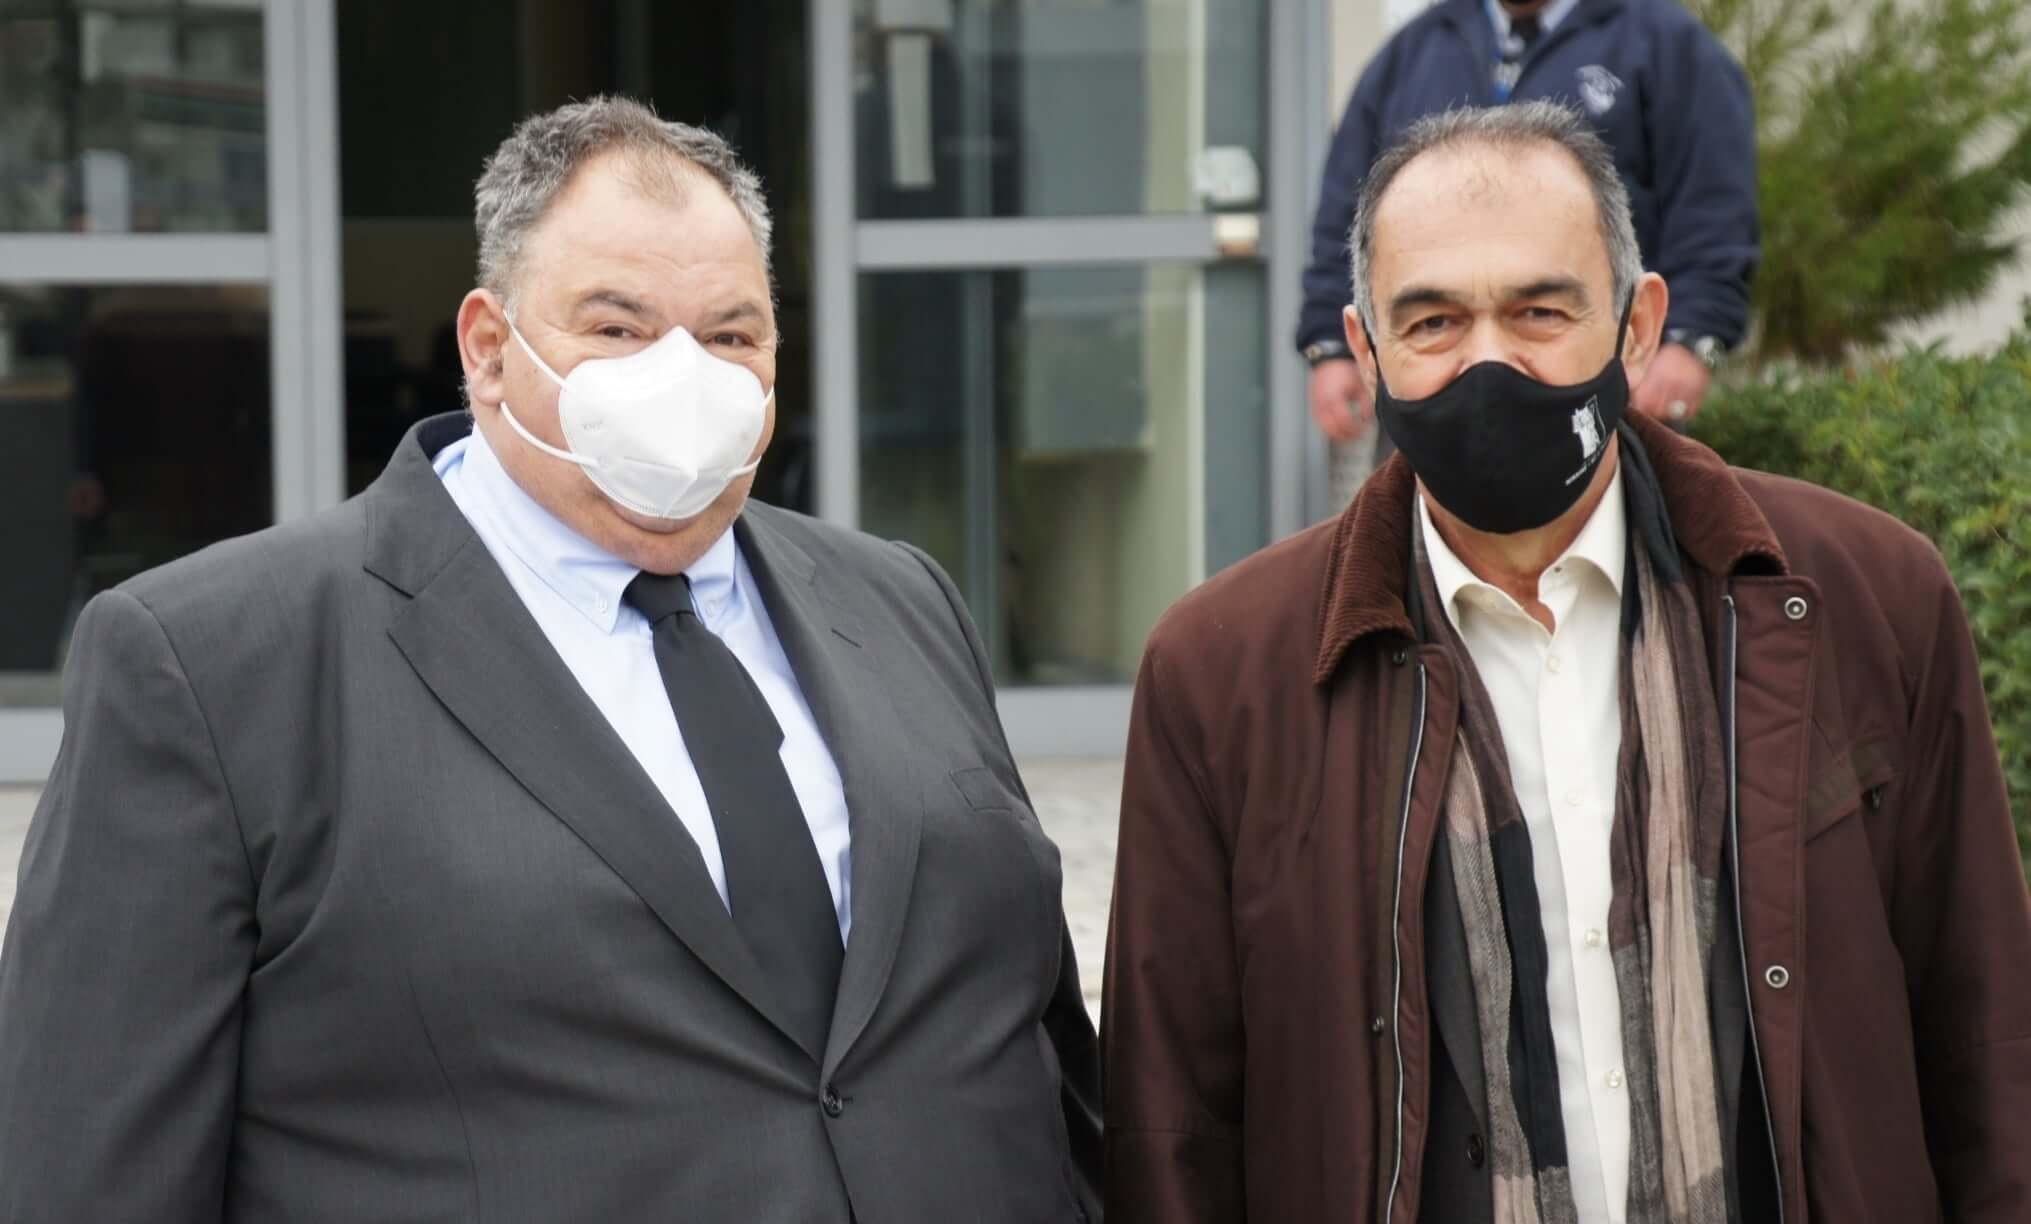 Γιώργος Ιωακειμίδης :  Η κομποστοποίηση ξεκινάει από τον Ο.Κ.Α.Α και επεκτείνεται σε όλο το Δήμο